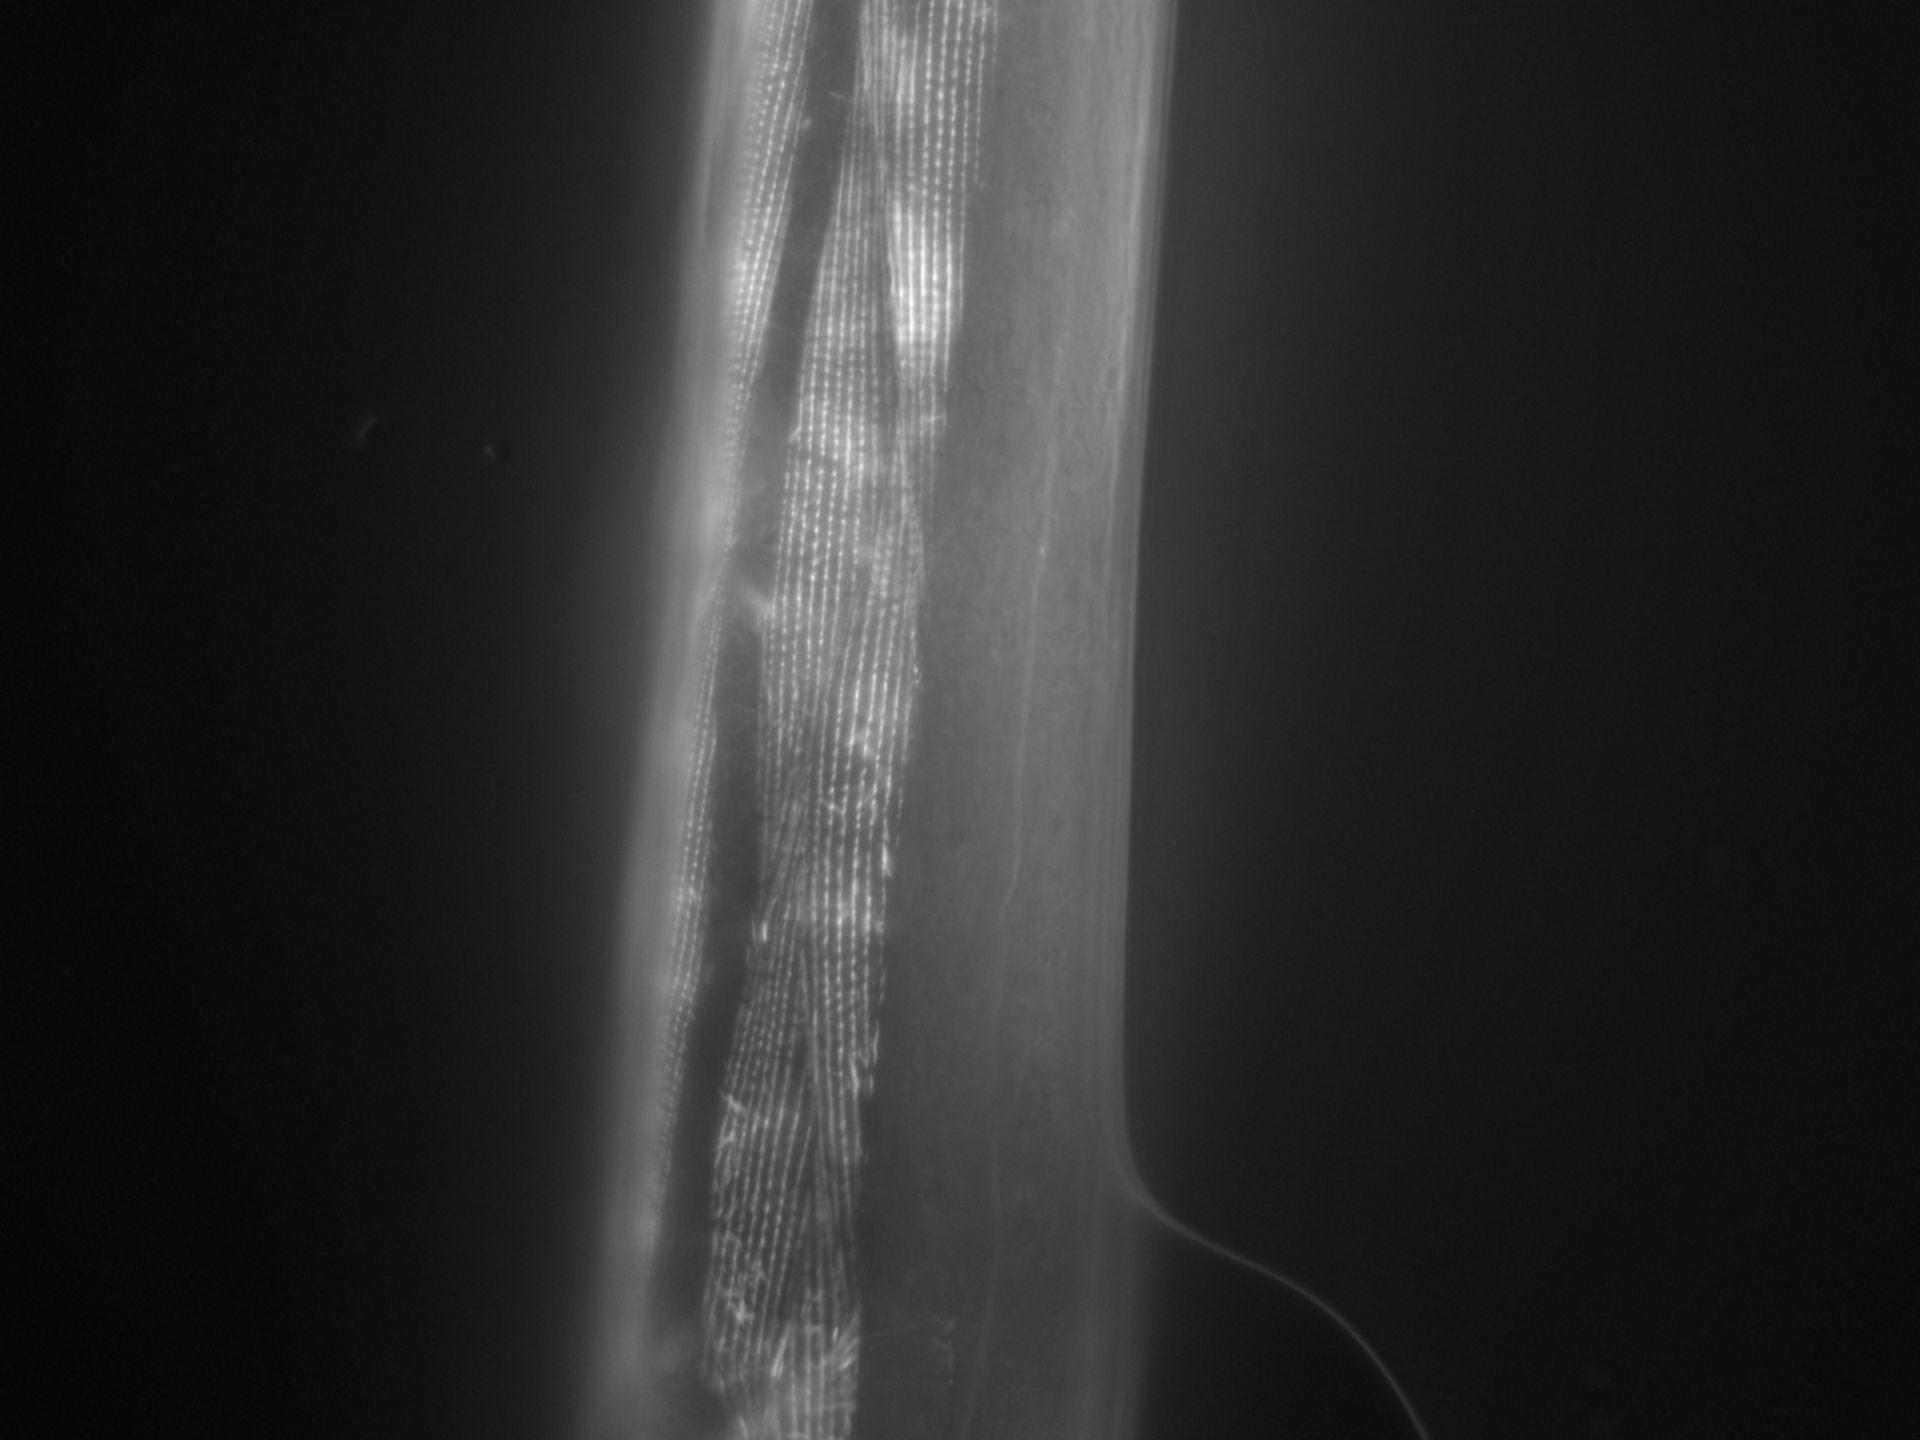 Caenorhabditis elegans (Actin filament) - CIL:1026